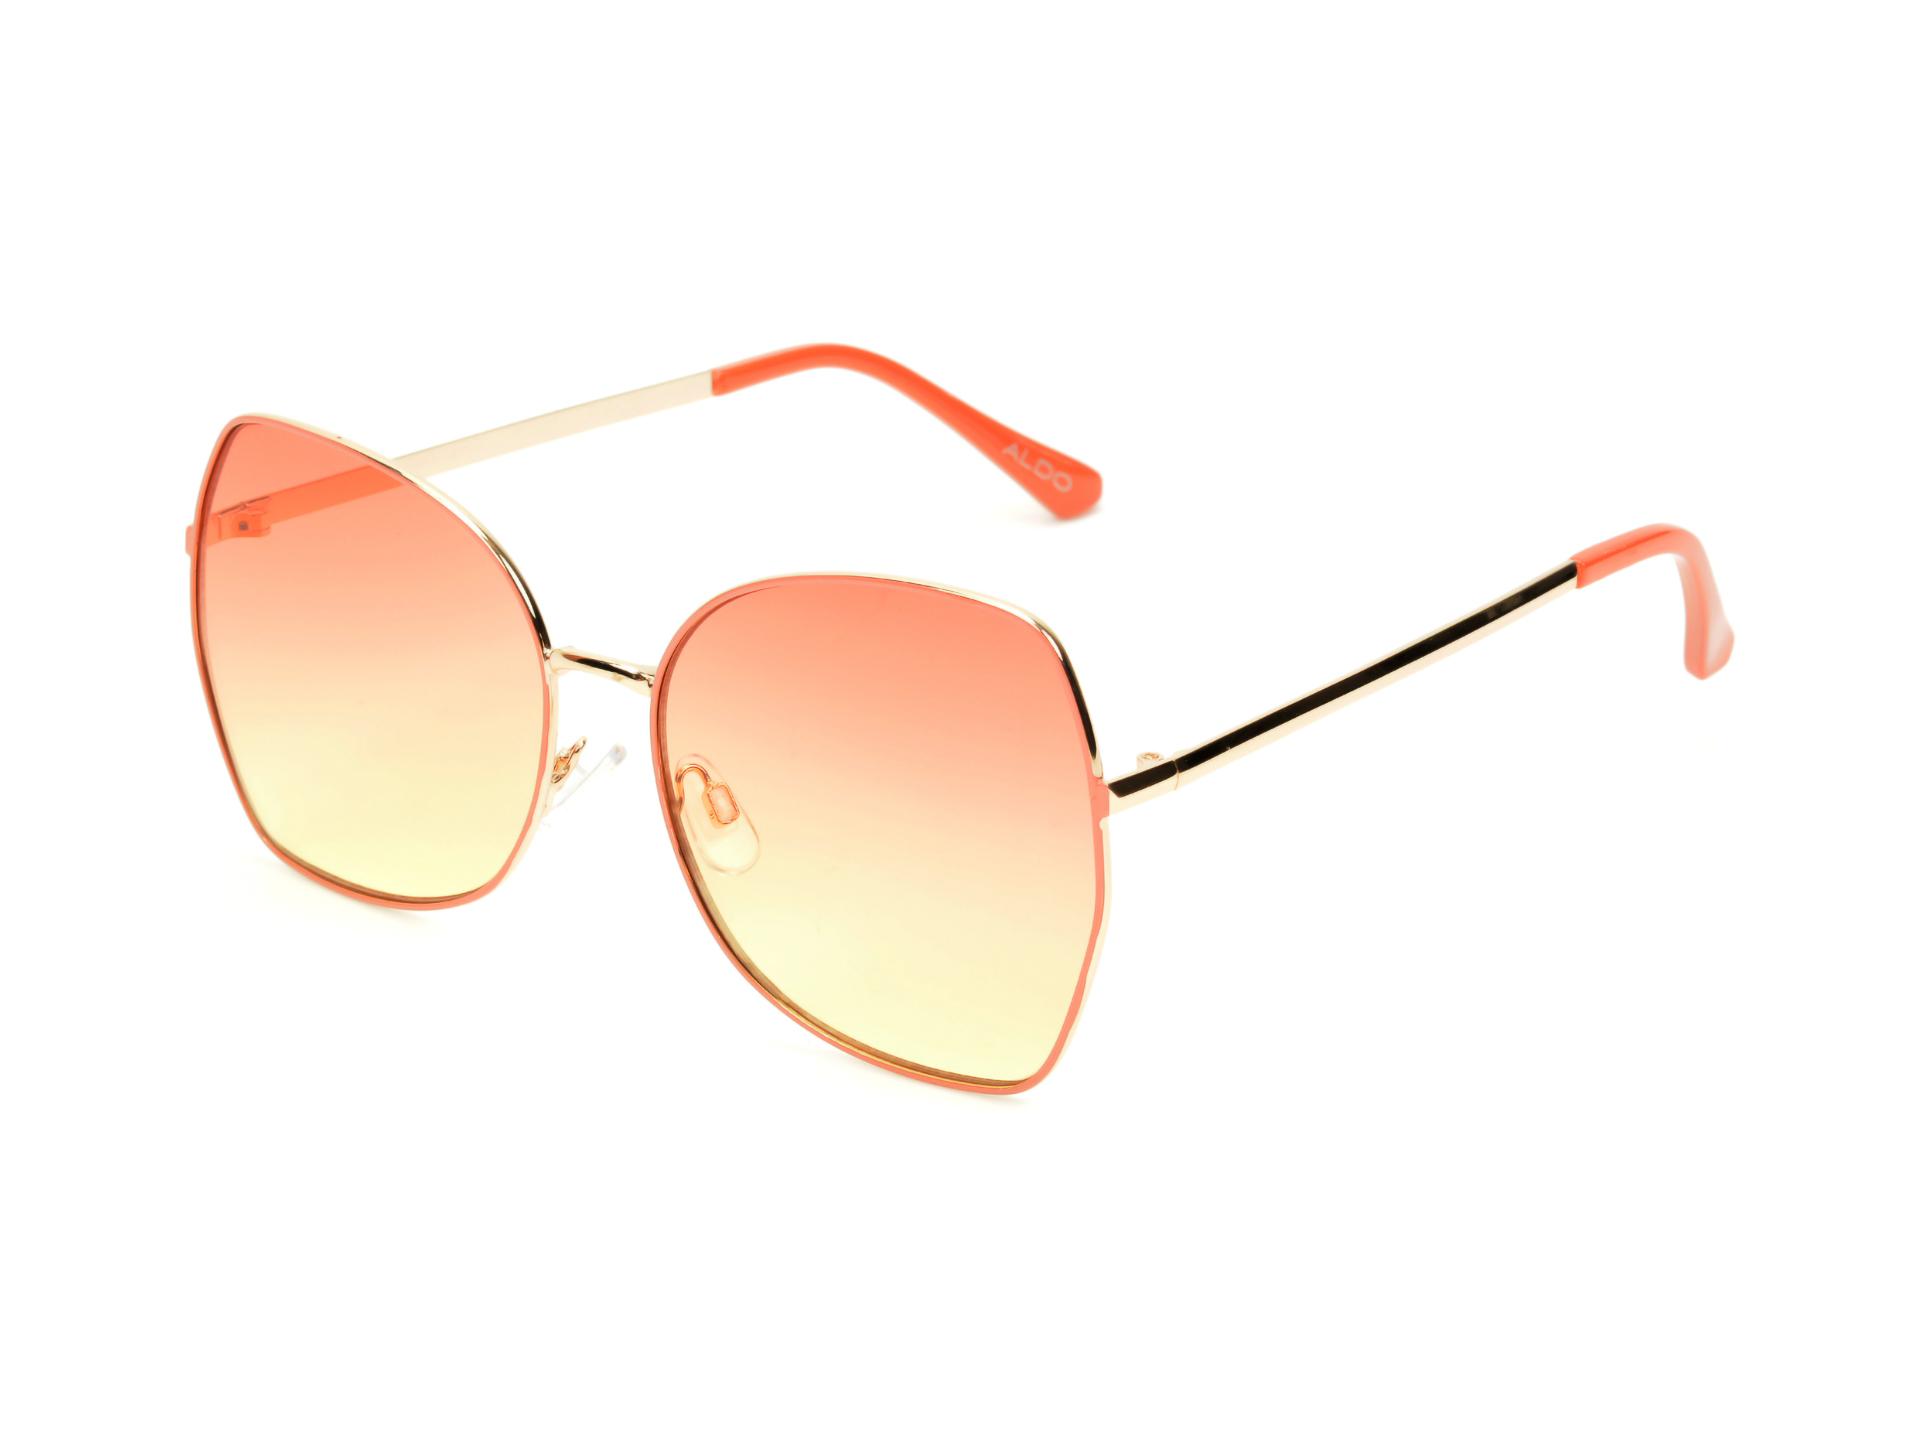 Ochelari de soare ALDO portocalii, Inornata830, din PVC imagine otter.ro